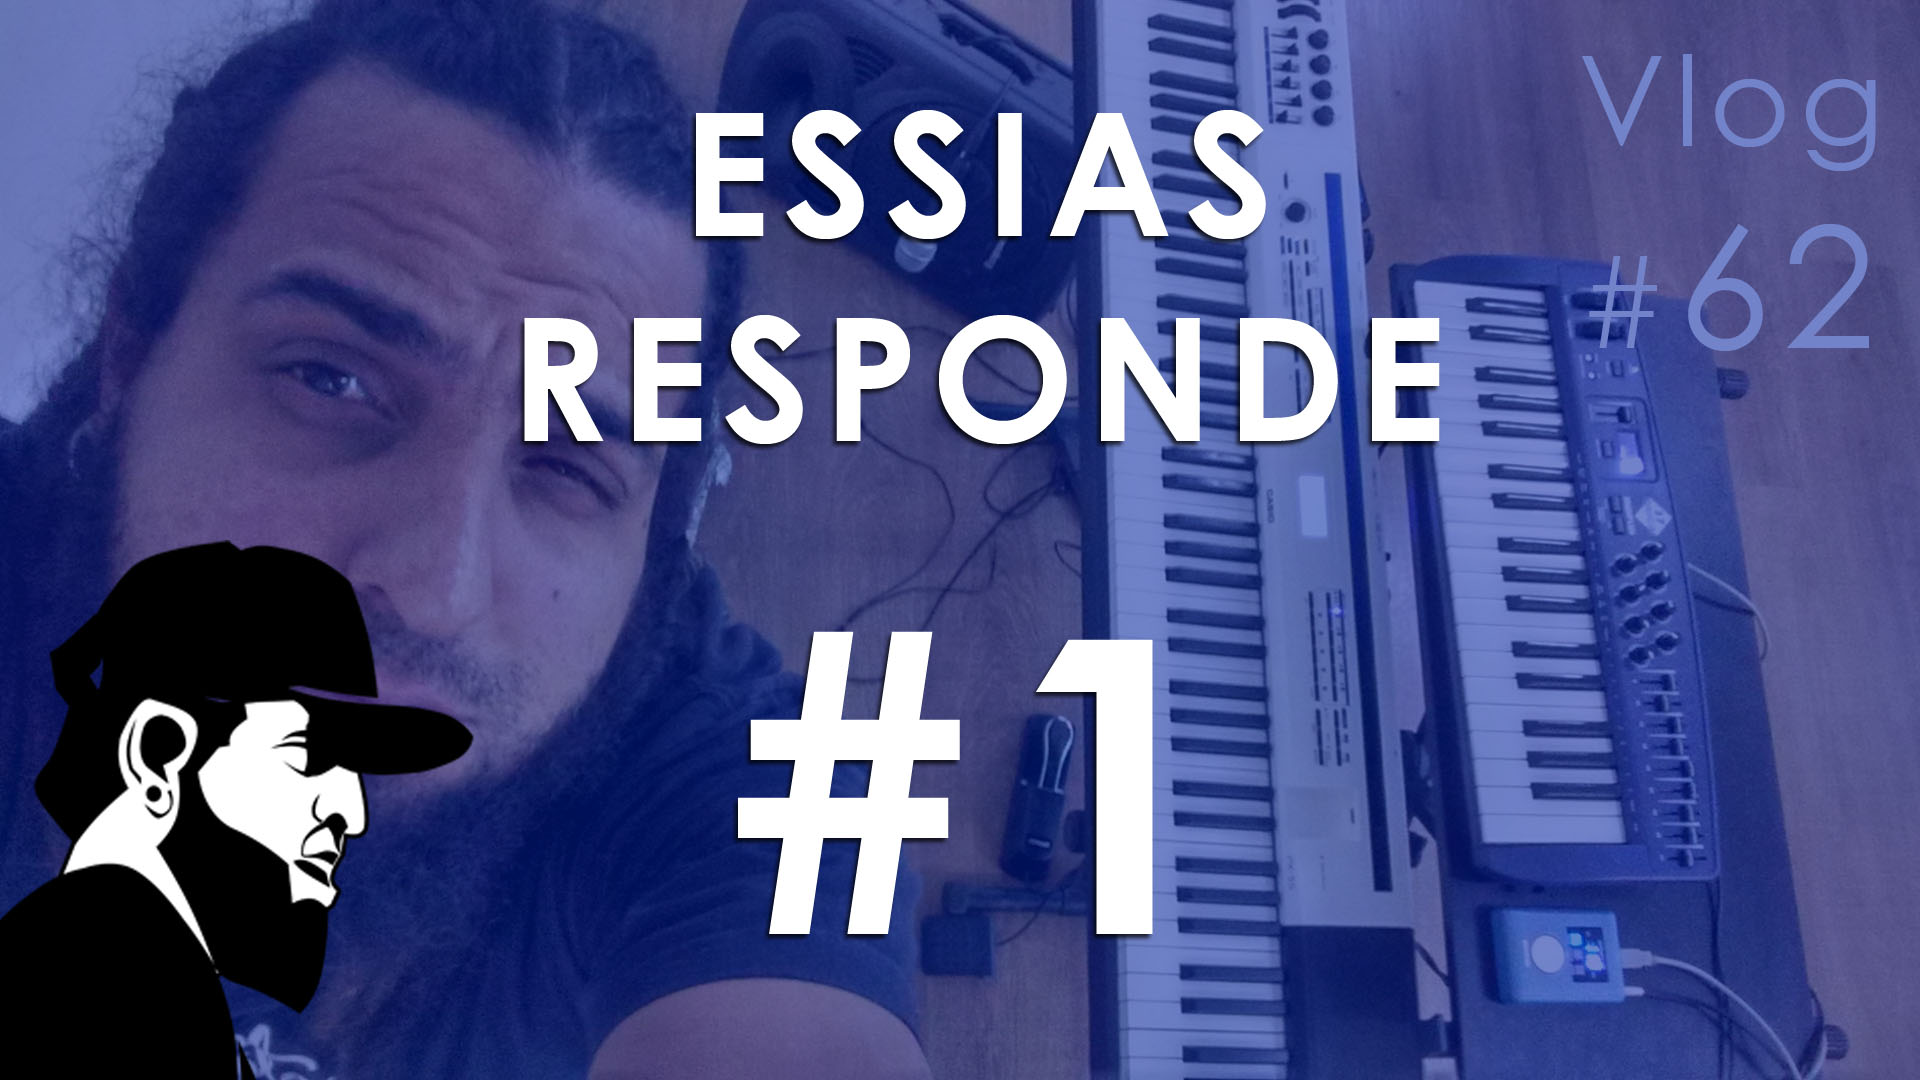 Vlog Essias #62 –  Essias Responde #1